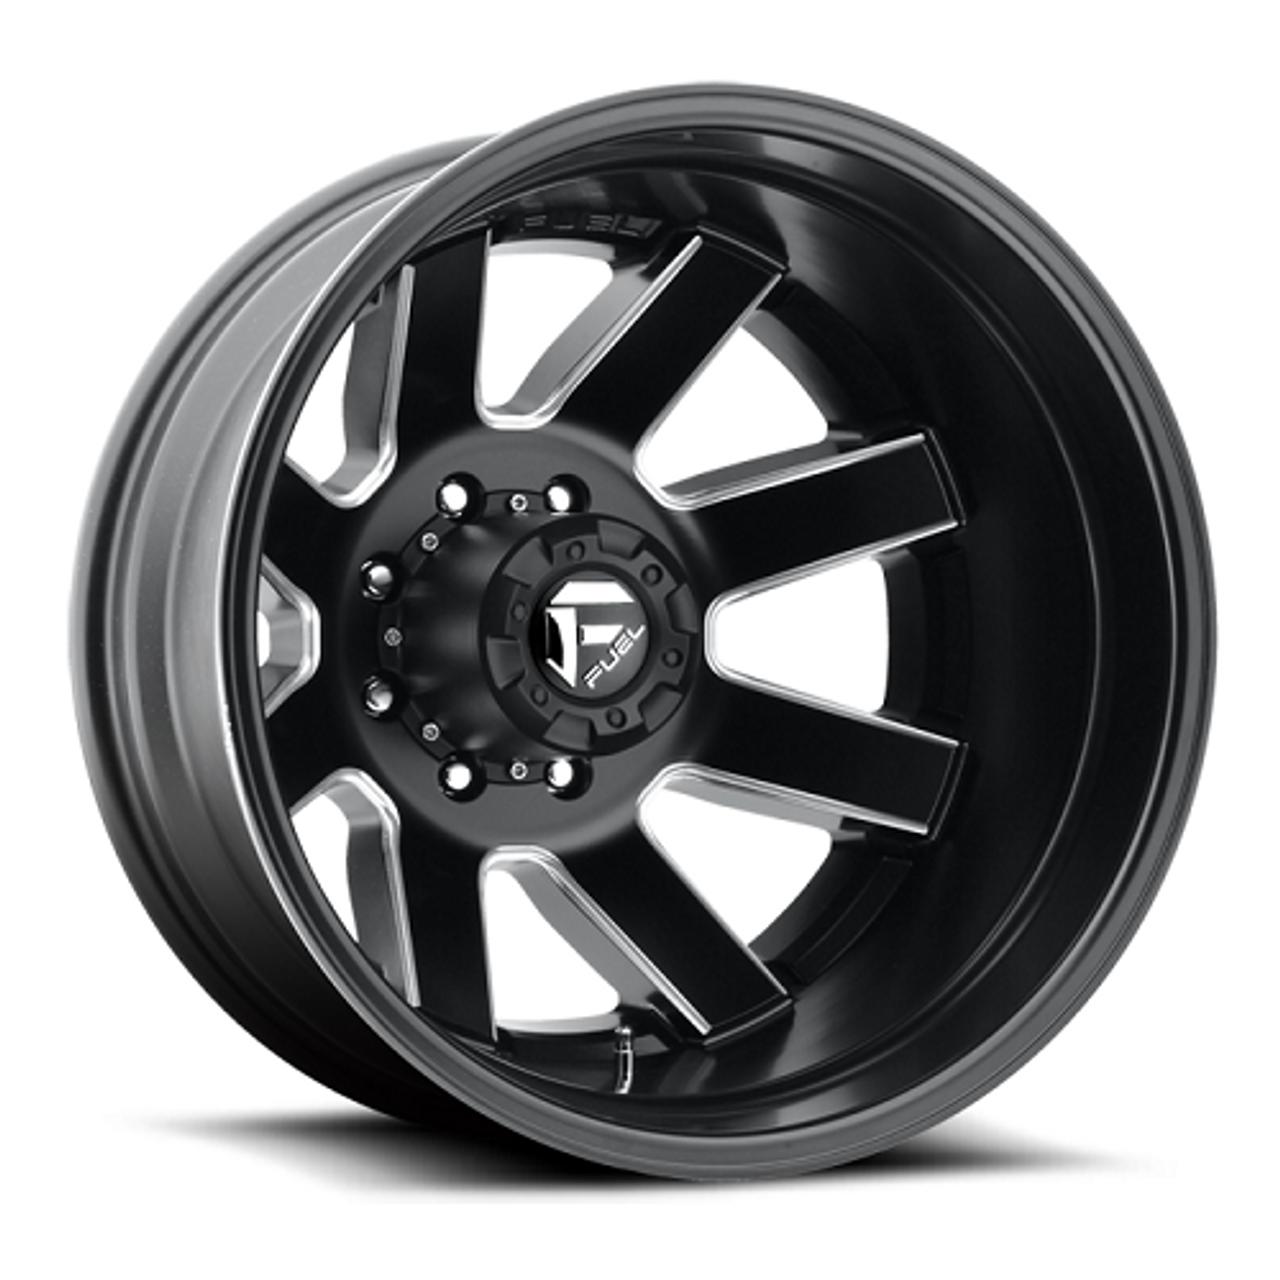 22 x 8.25 Fuel Maverick D538 Black